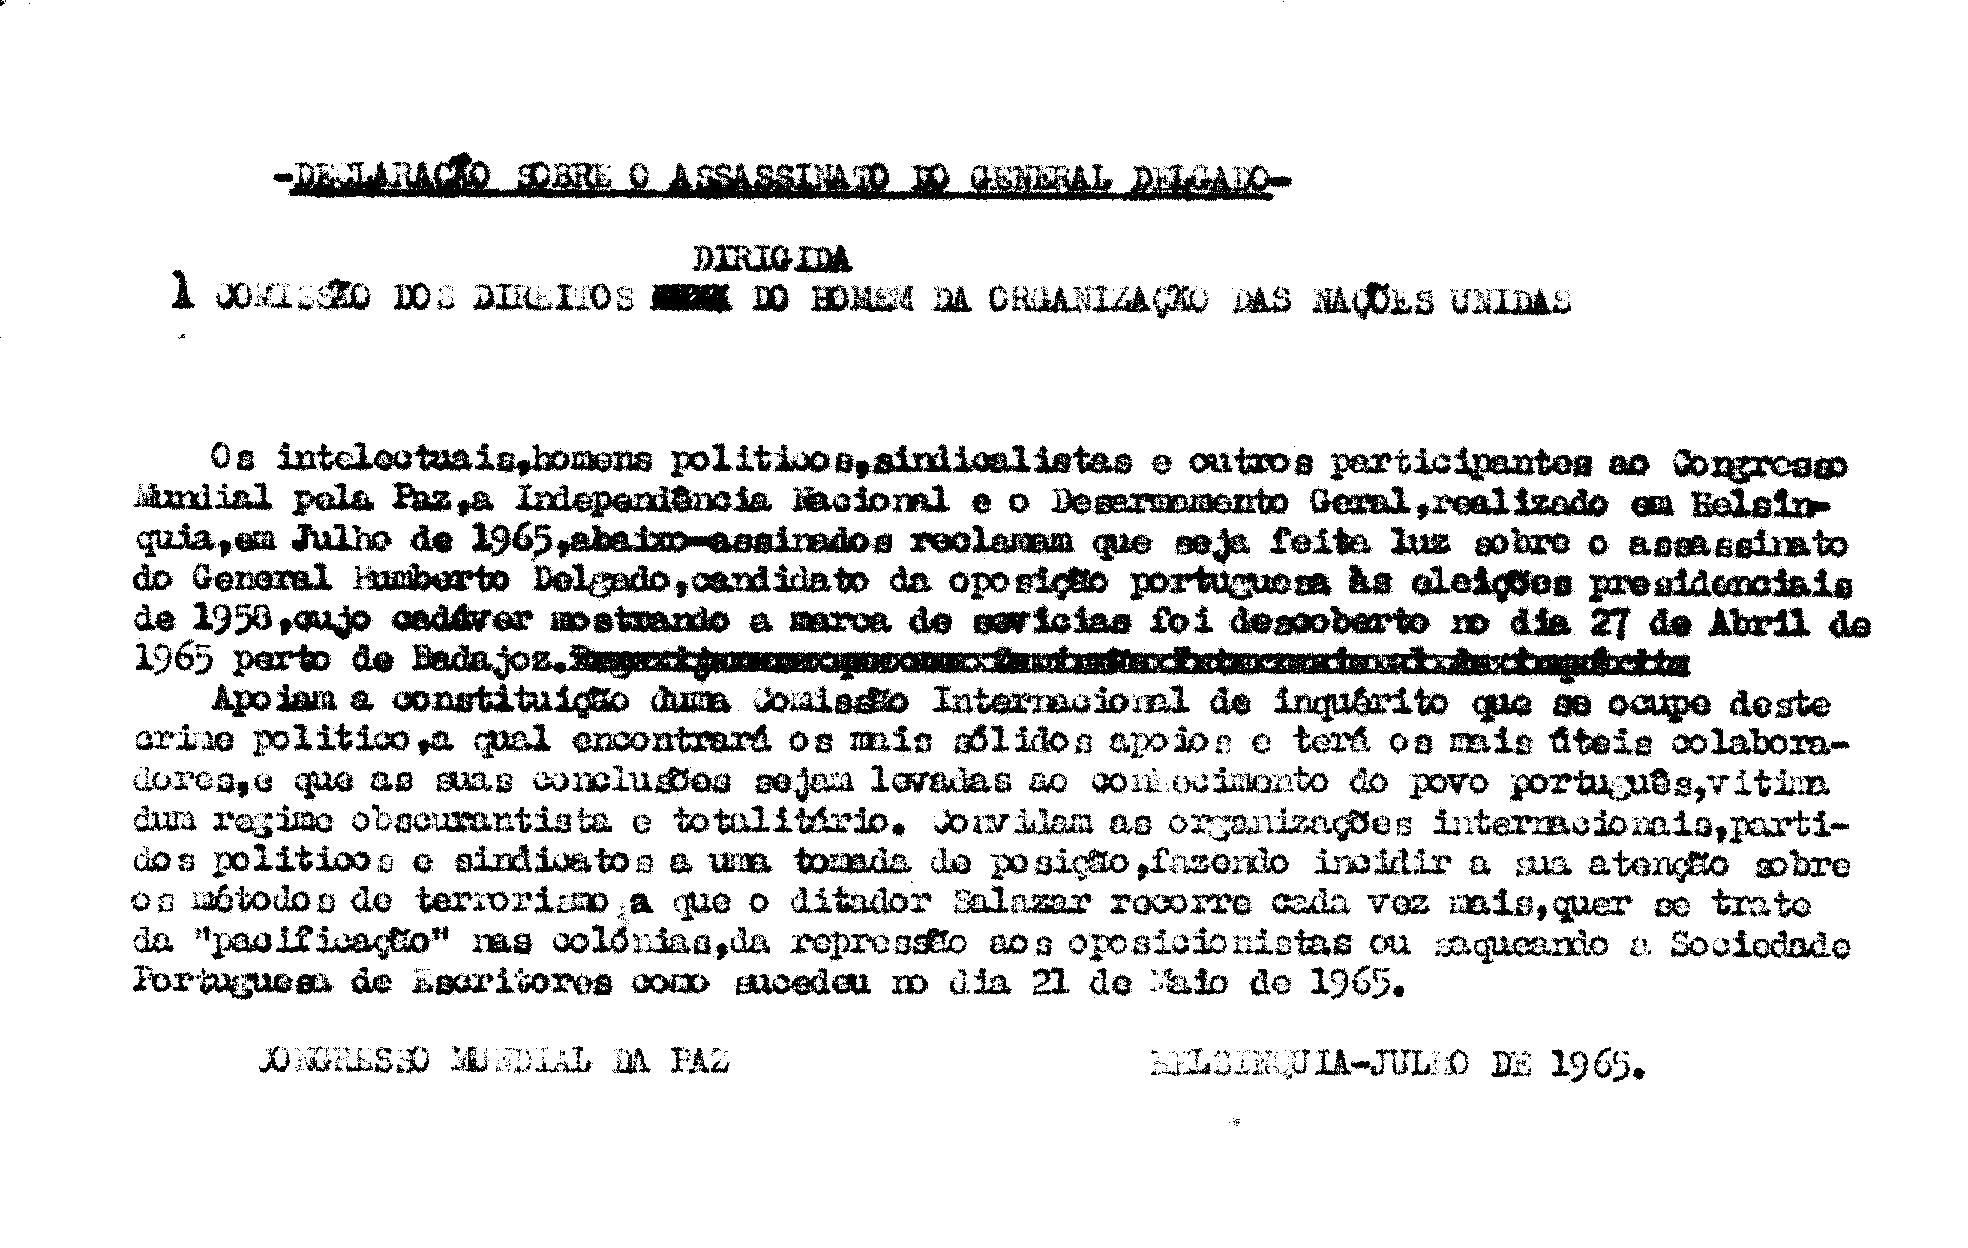 04435.494.003- pag.1